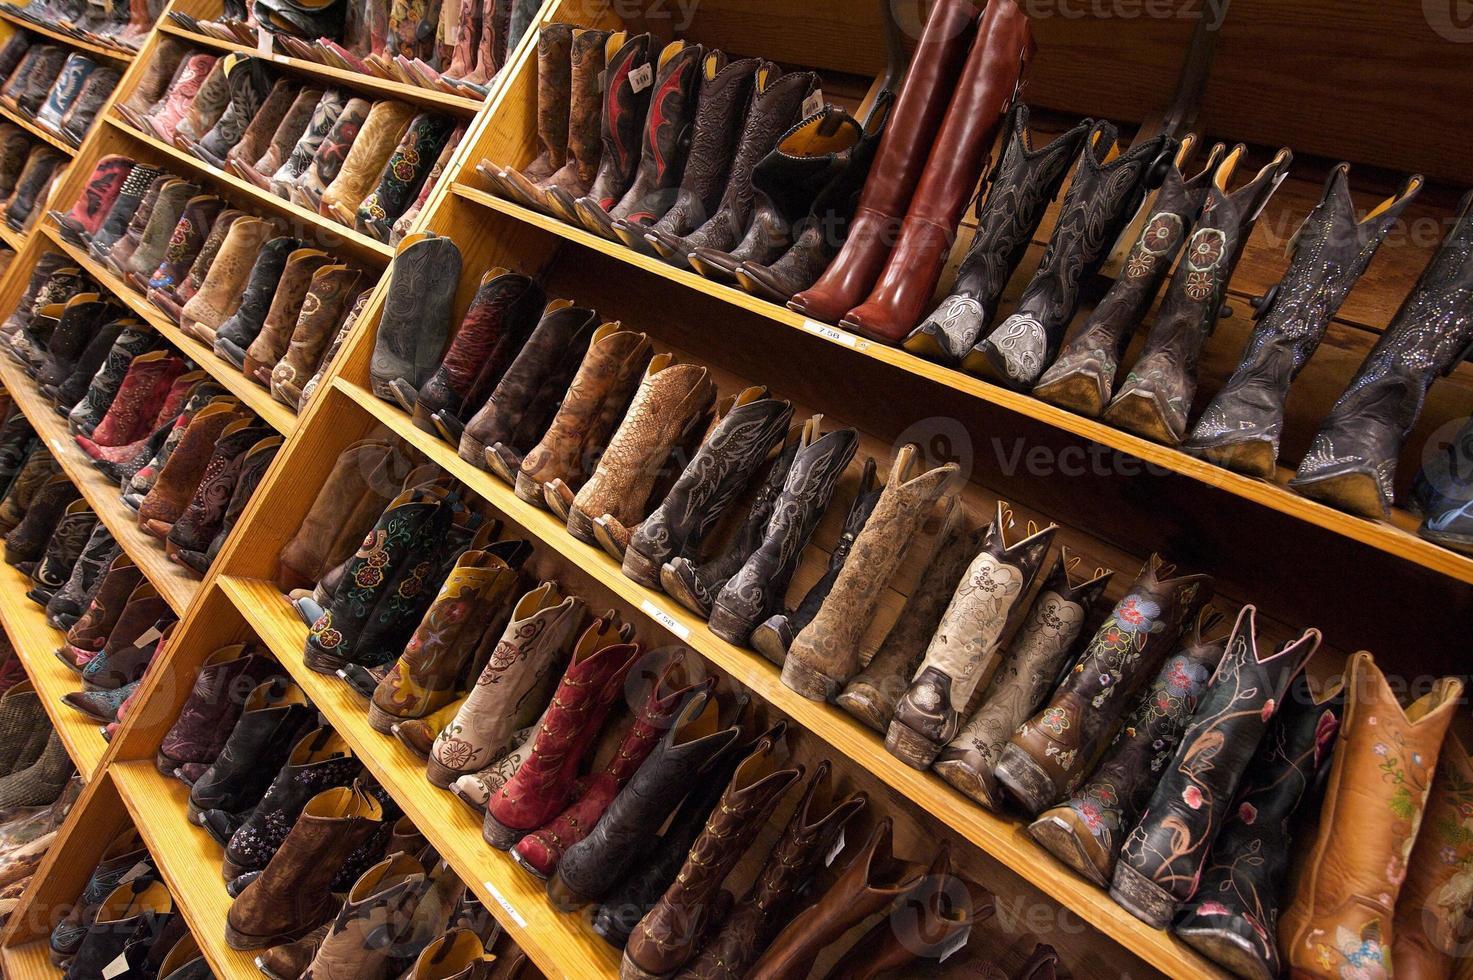 Damen Cowboystiefel säumen die Regale, Austin, TX, uns foto